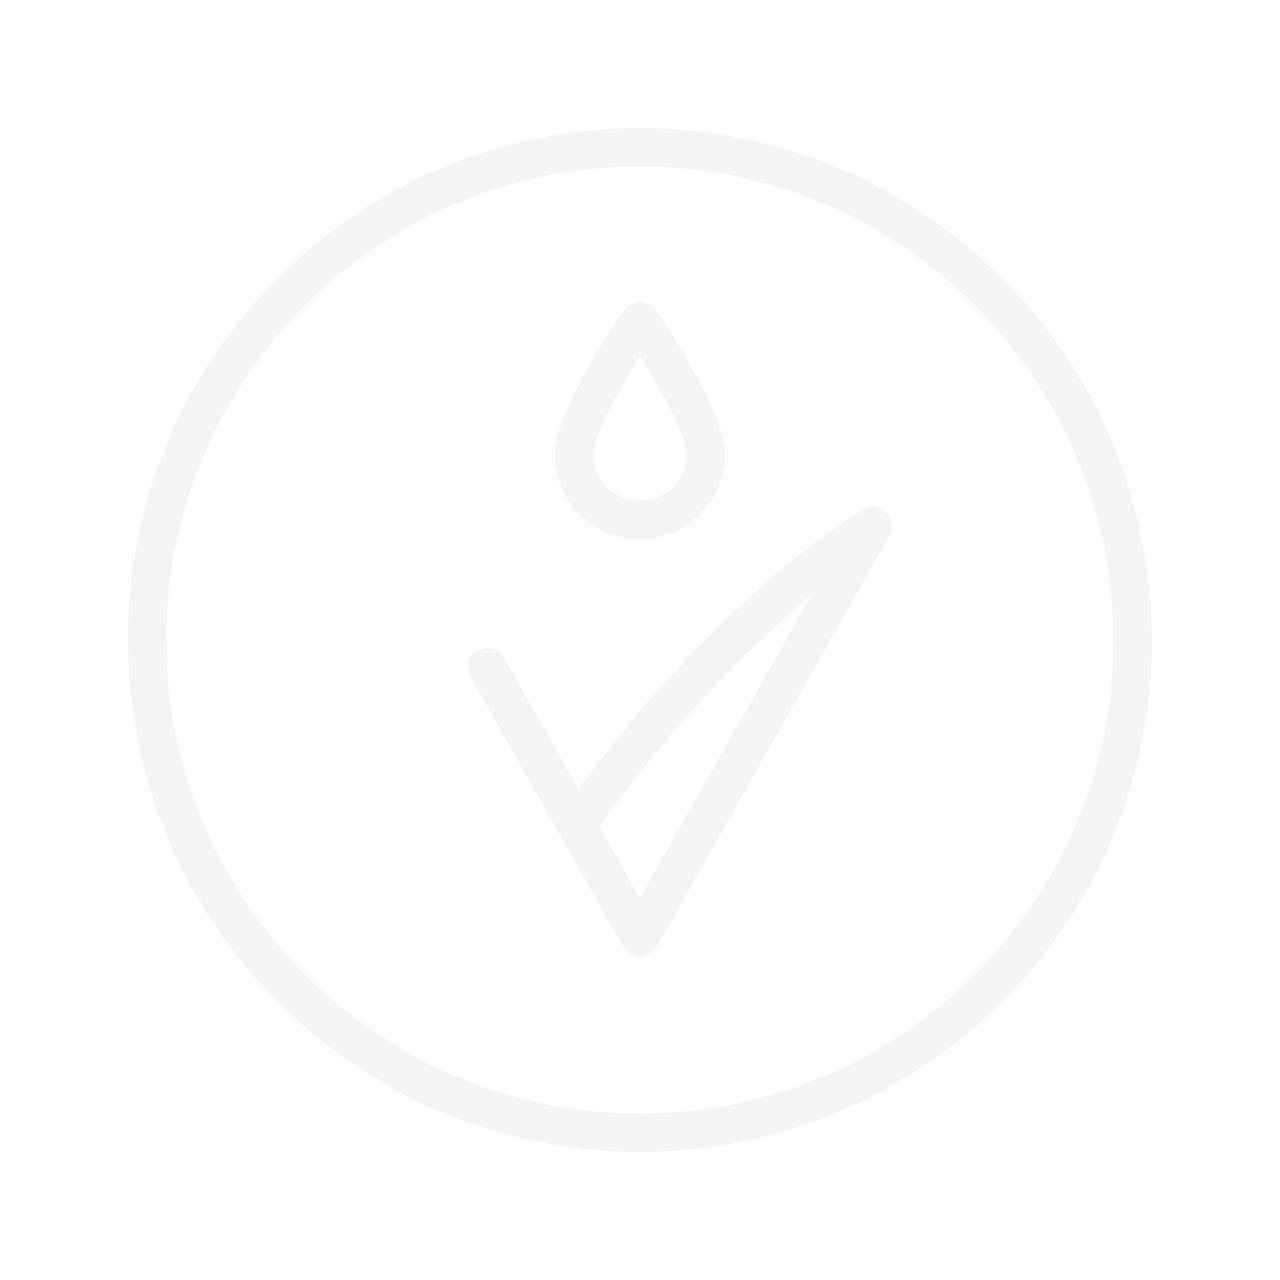 MISSHA Wonder Foot Peeling Mask 50ml